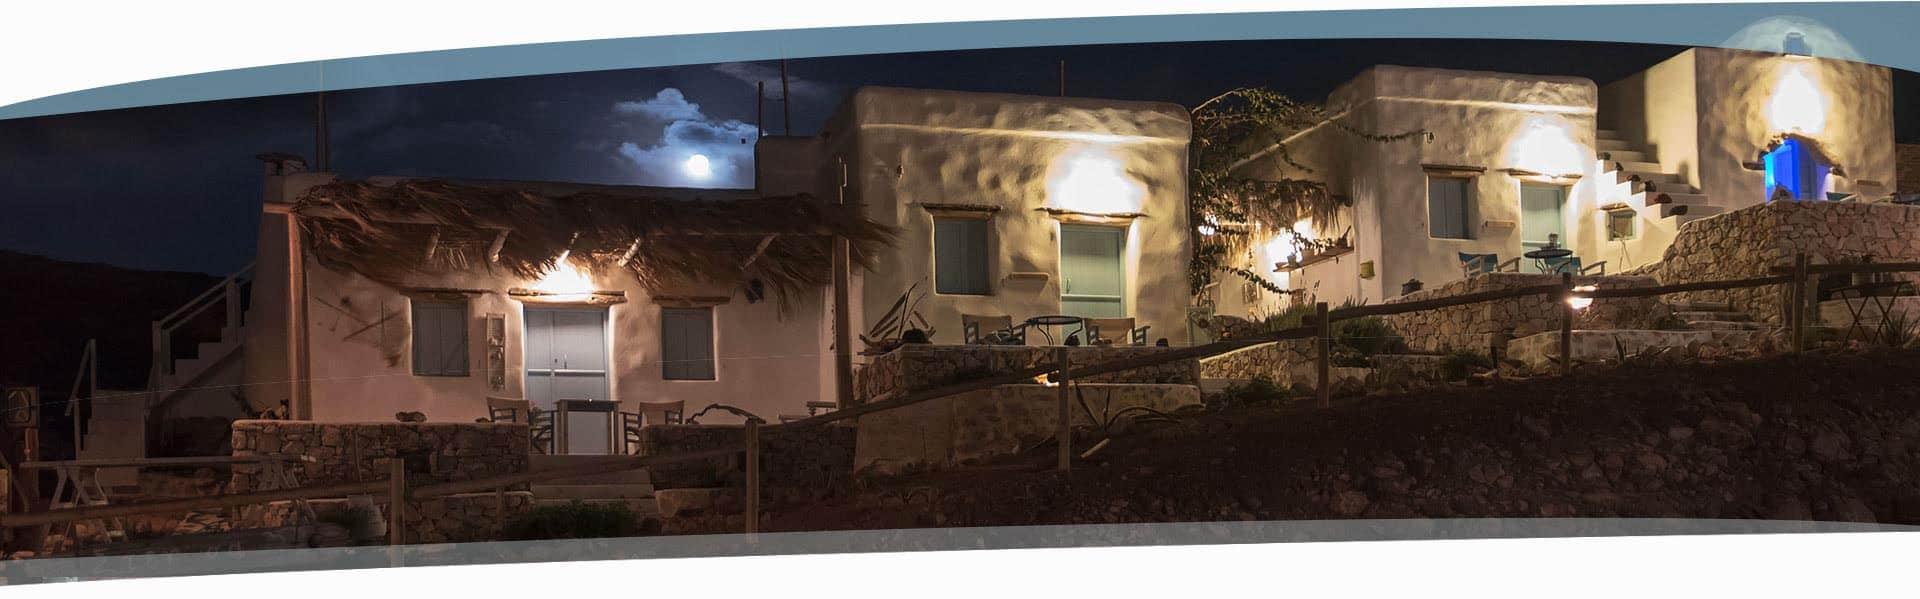 Stenosa - Donousa | Στενόσα - Δονούσα | Παραδοσιακό κατάλυμα, Ενοικιαζόμενα δωμάτια Δονούσα - Στενόσα